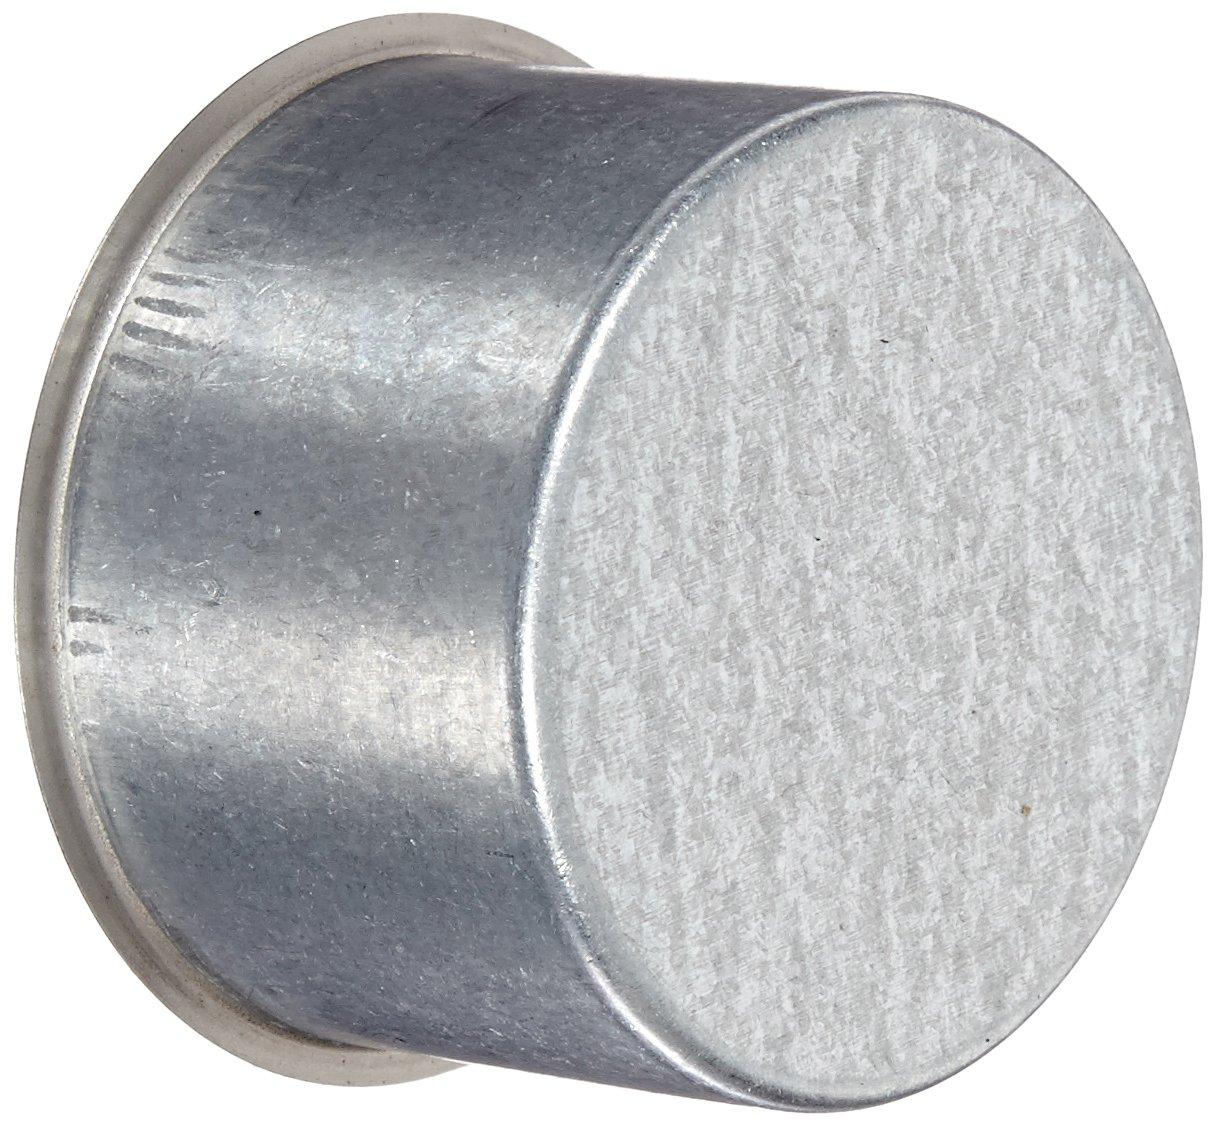 SKF 99248 Speedi Sleeve, SSLEEVE Style, Inch, 2.5in Shaft Diameter, 0.500in Width